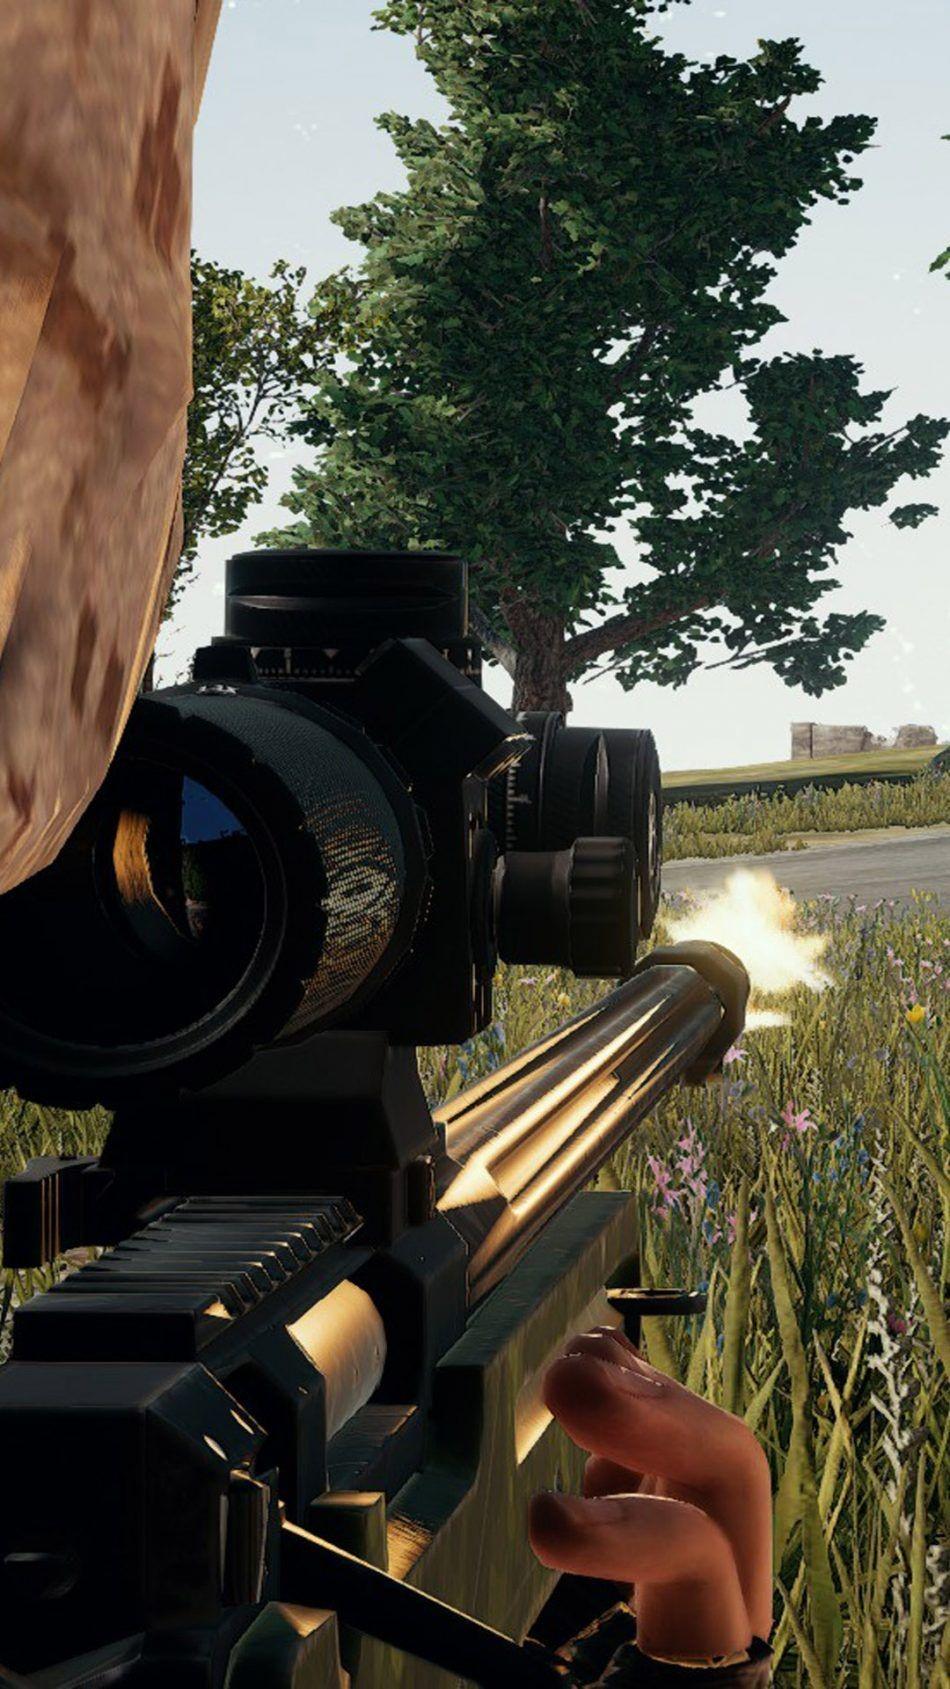 PUBG Sniper Wallpaper